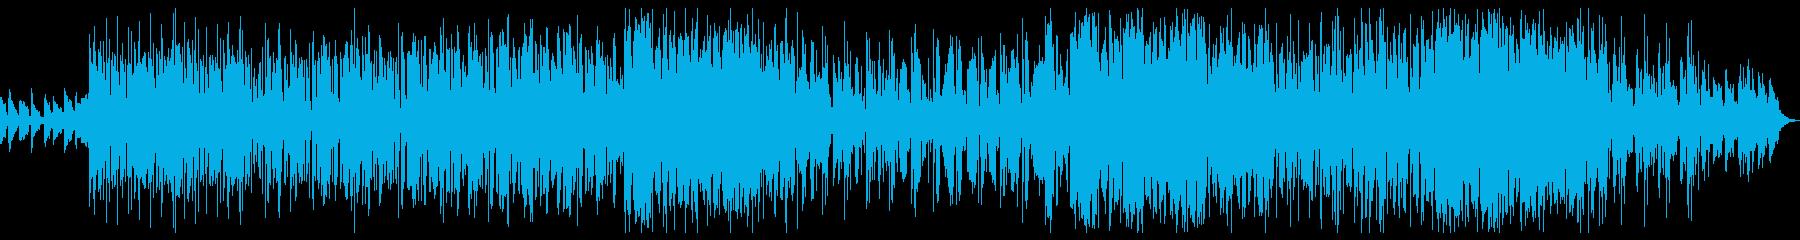 トロピカルハウスEDM♪夏夜♪バイオリンの再生済みの波形